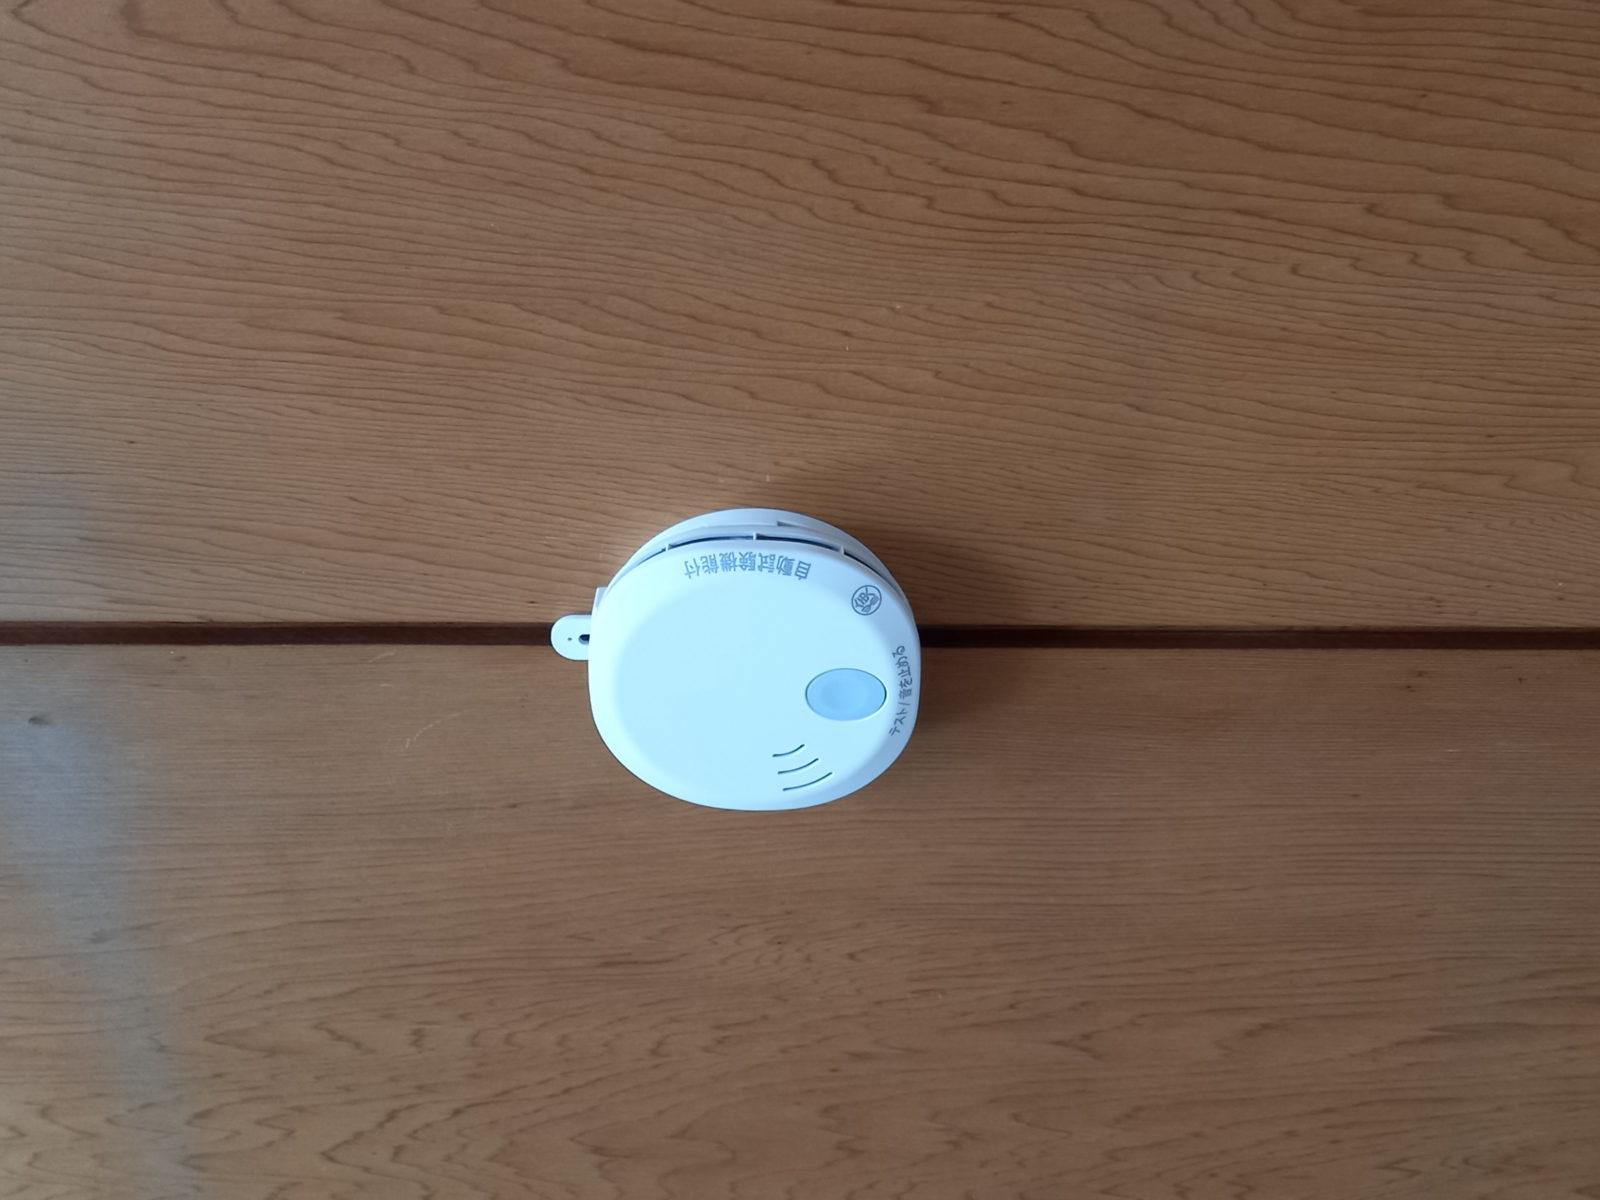 リビングと階段スペースに『火災報知器』を取り付けました。